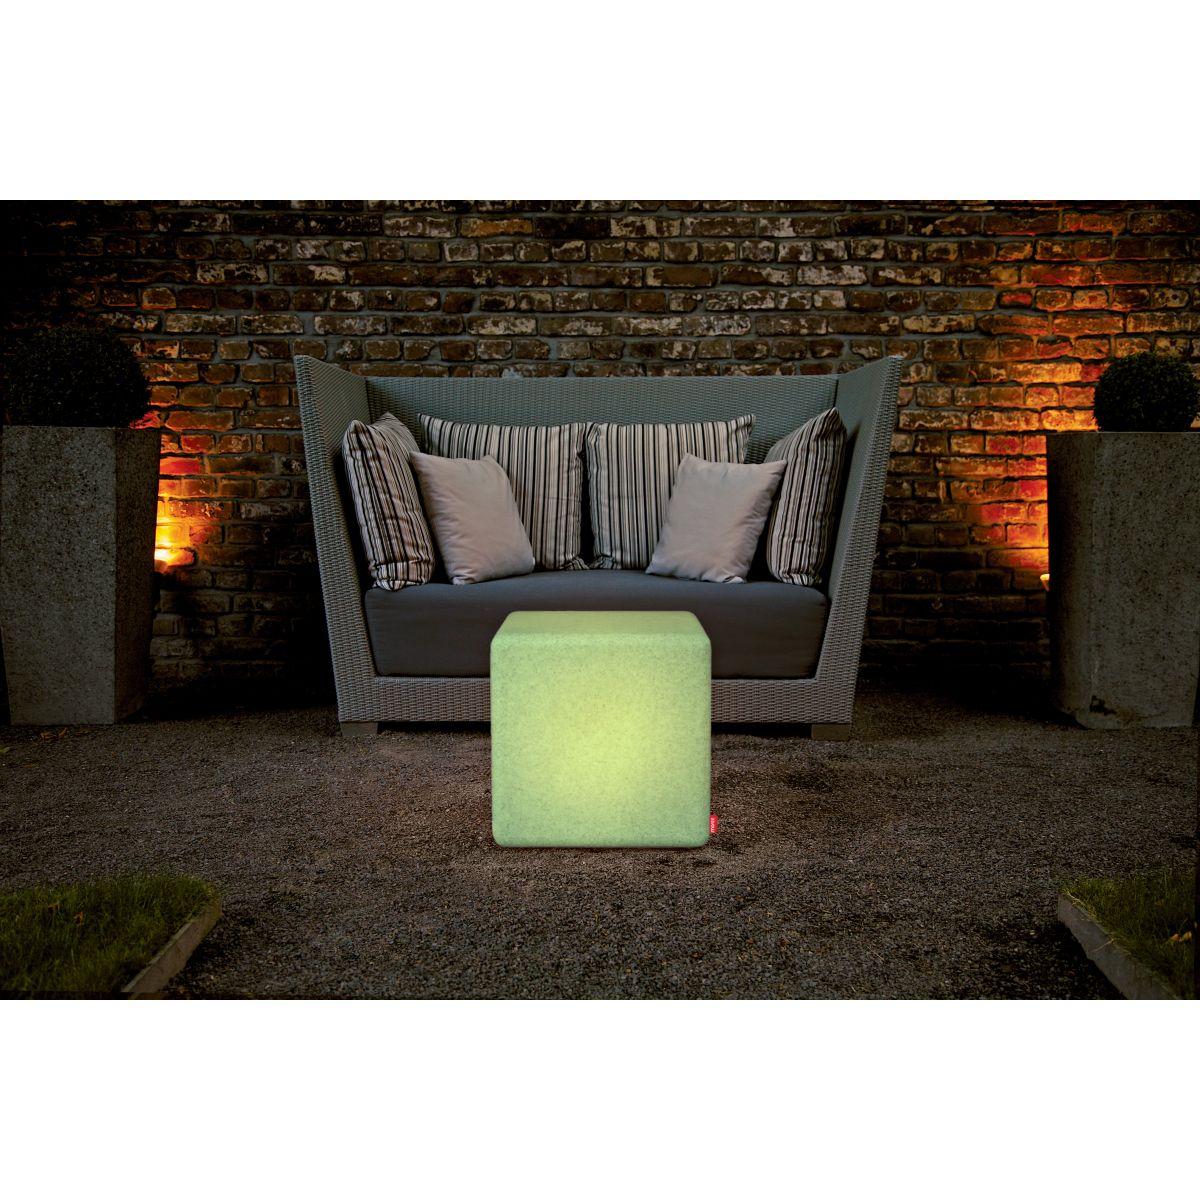 Table basse cube granite led rgb exterieur moree deco - Table basse exterieur design ...